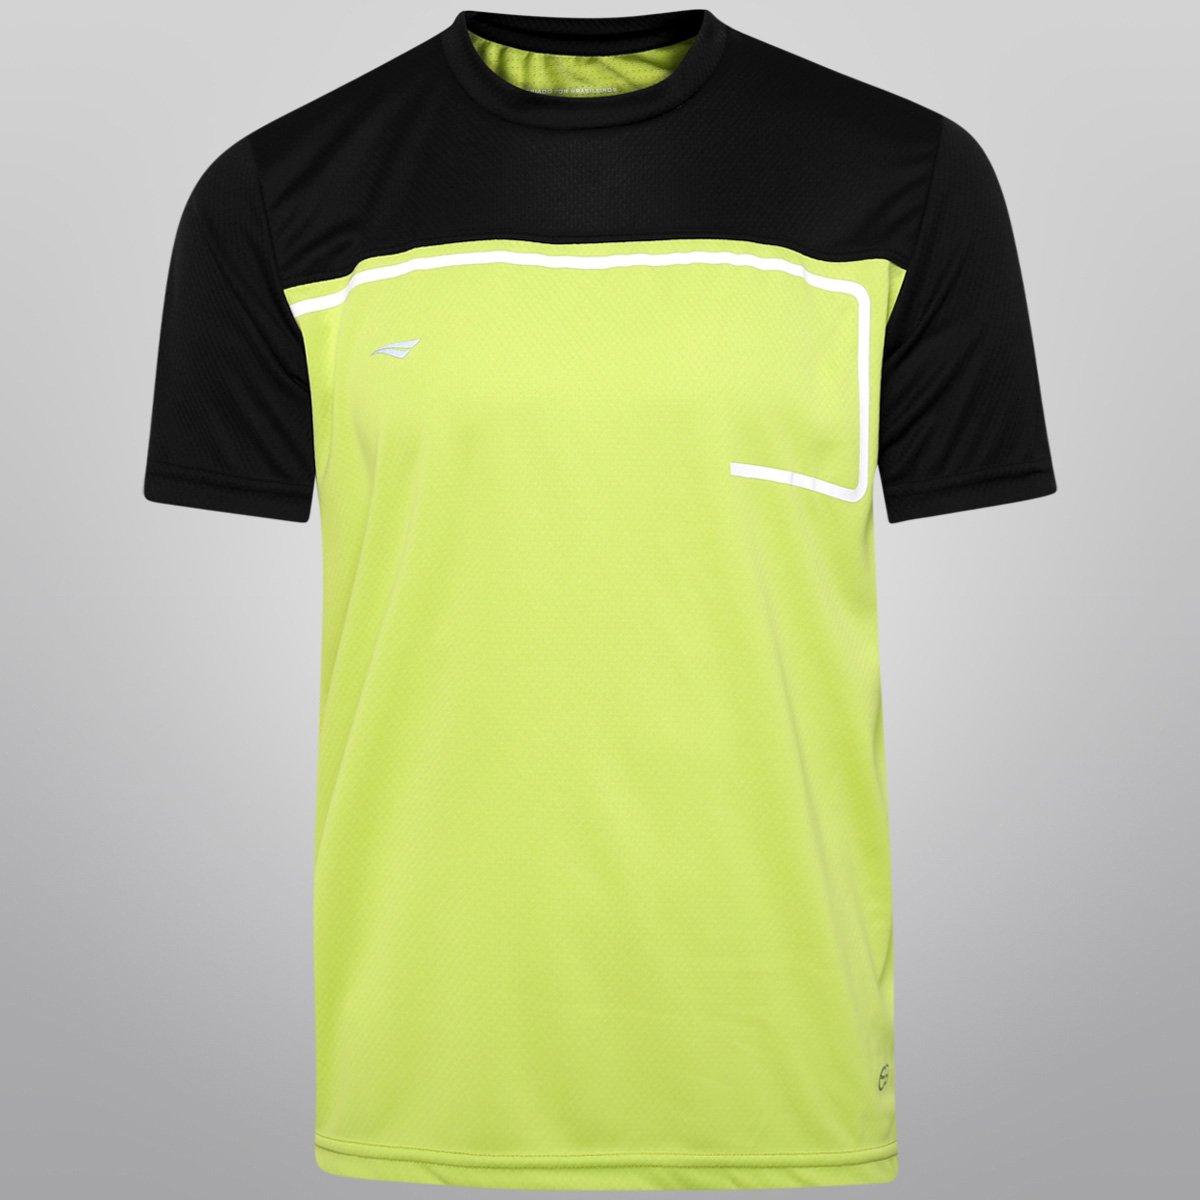 e764bb81d2652 Camisa Penalty Max 2015 Masculina - Compre Agora